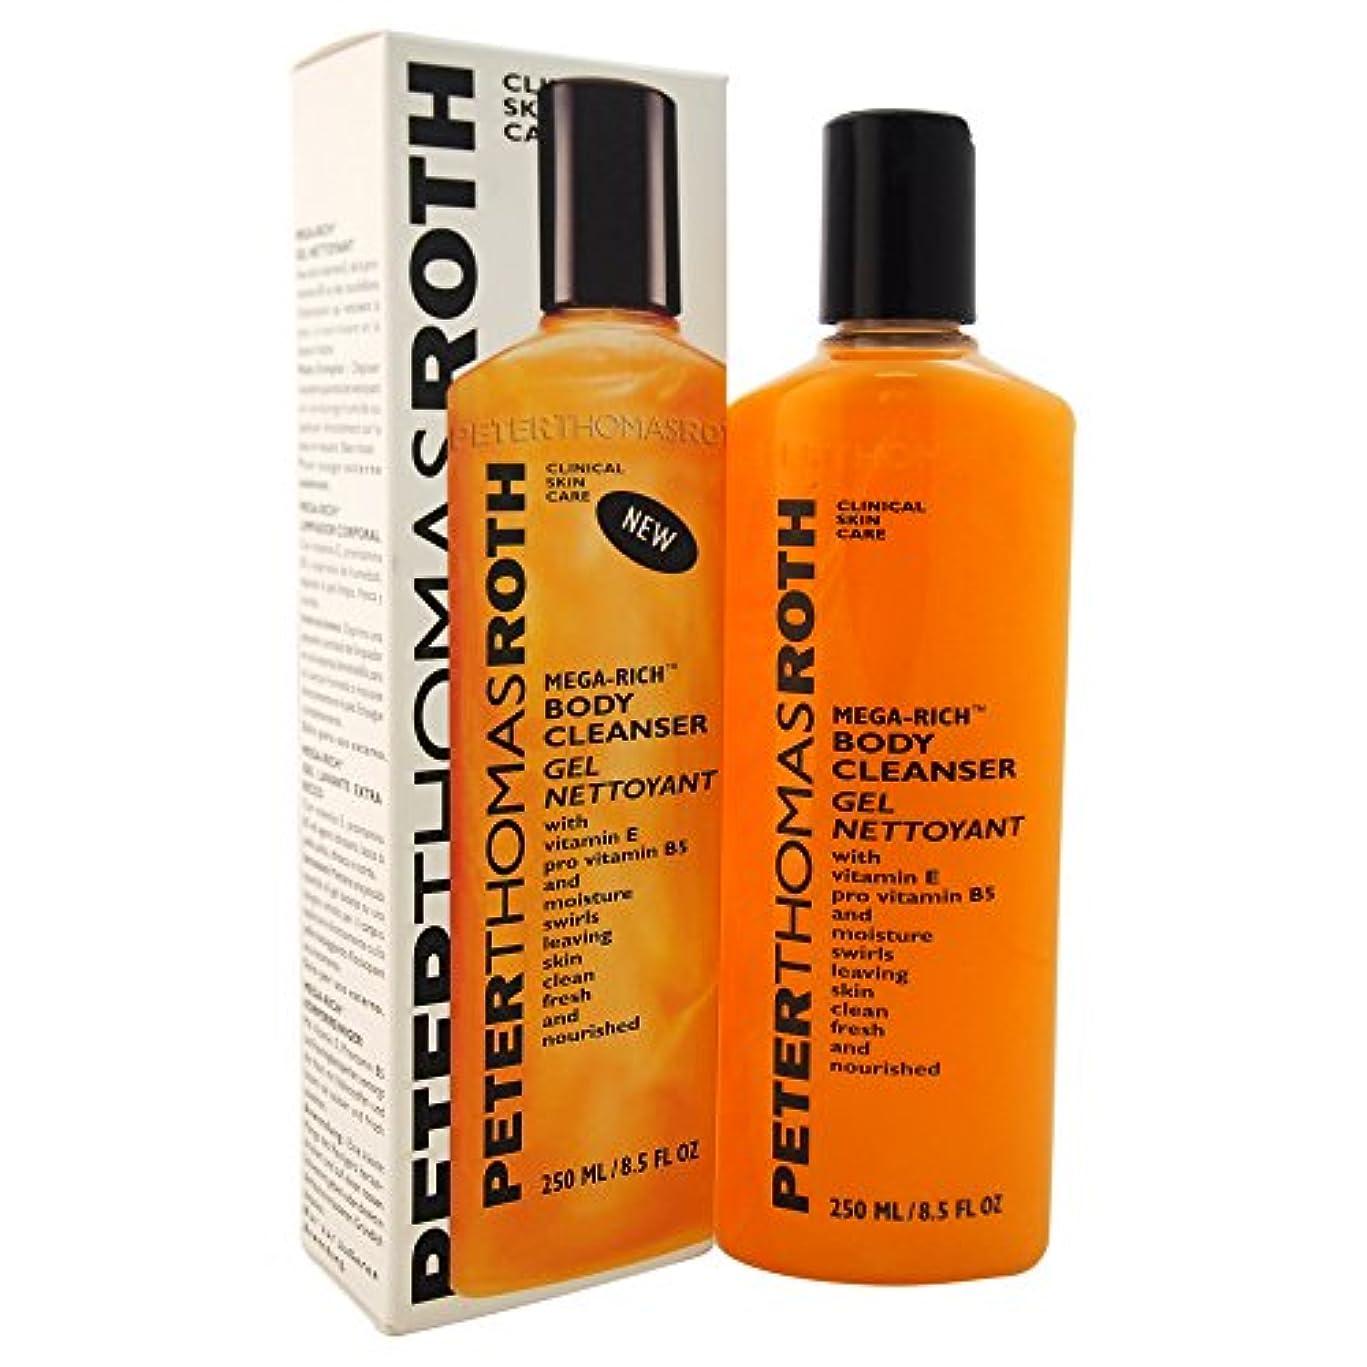 栄光パノラマ倒産Peter Thomas Roth Mega-Rich Body Cleanser Gel (並行輸入品) [並行輸入品]